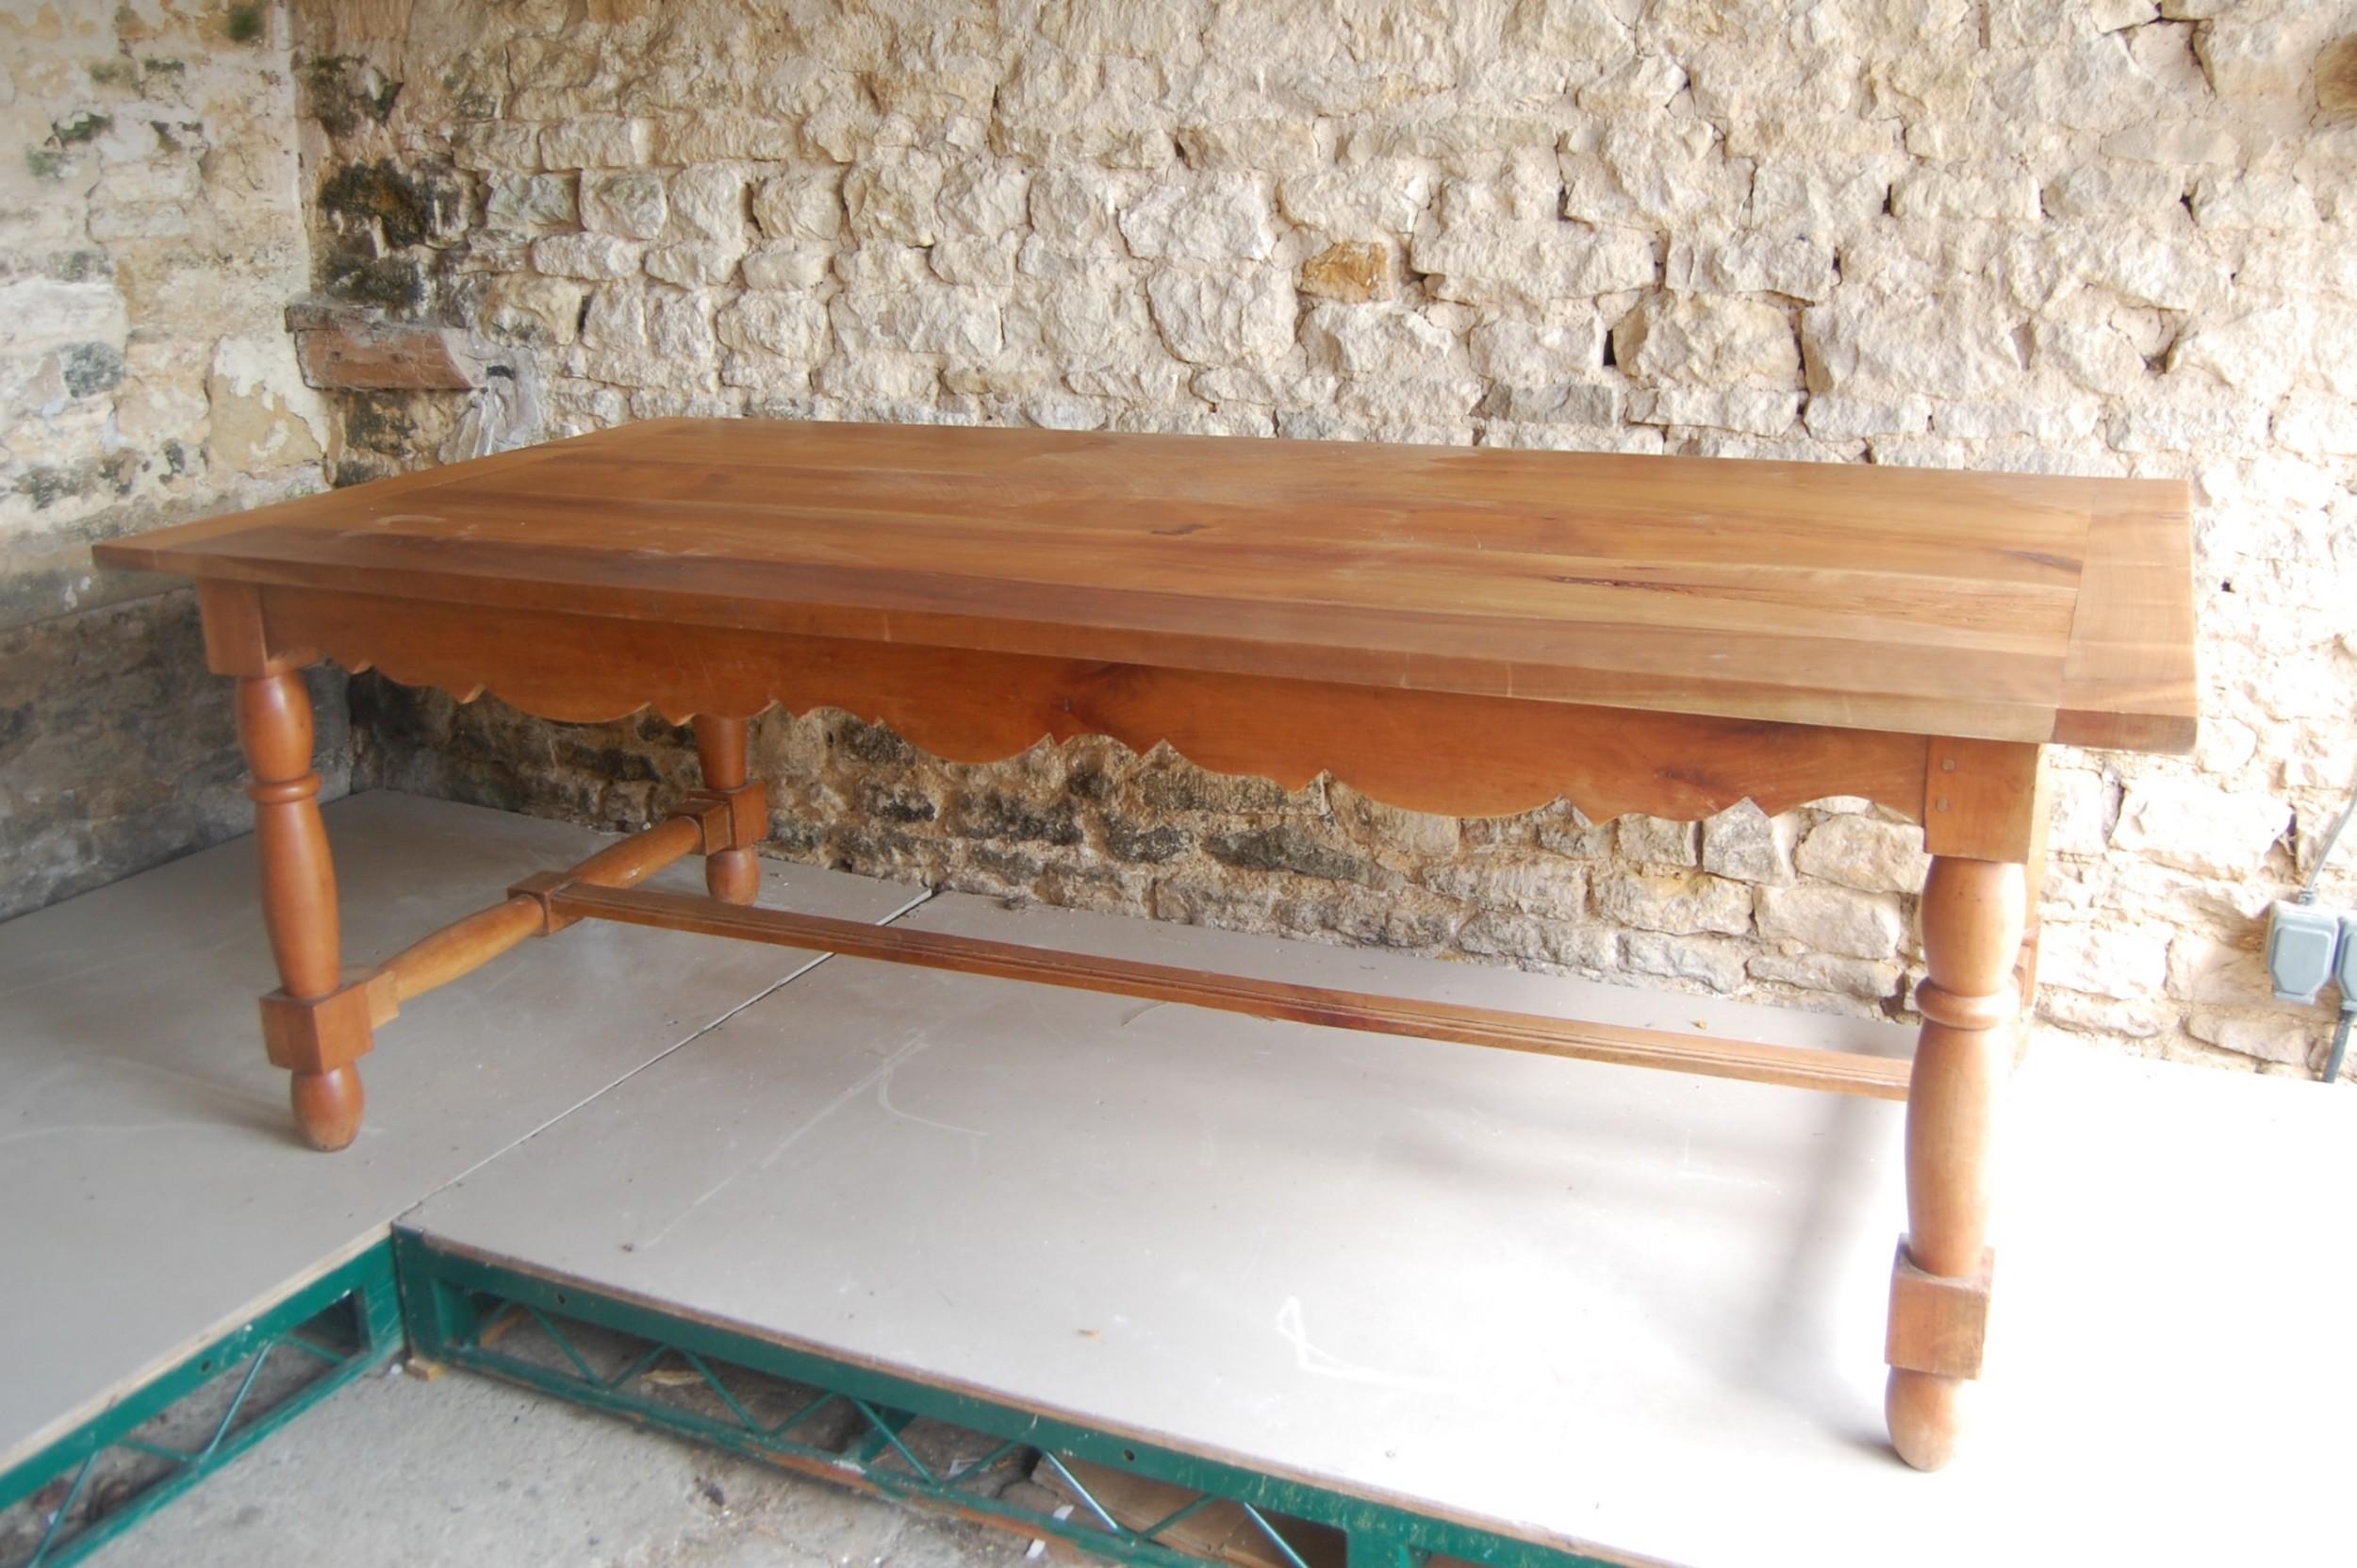 early 20th century farmhouse table